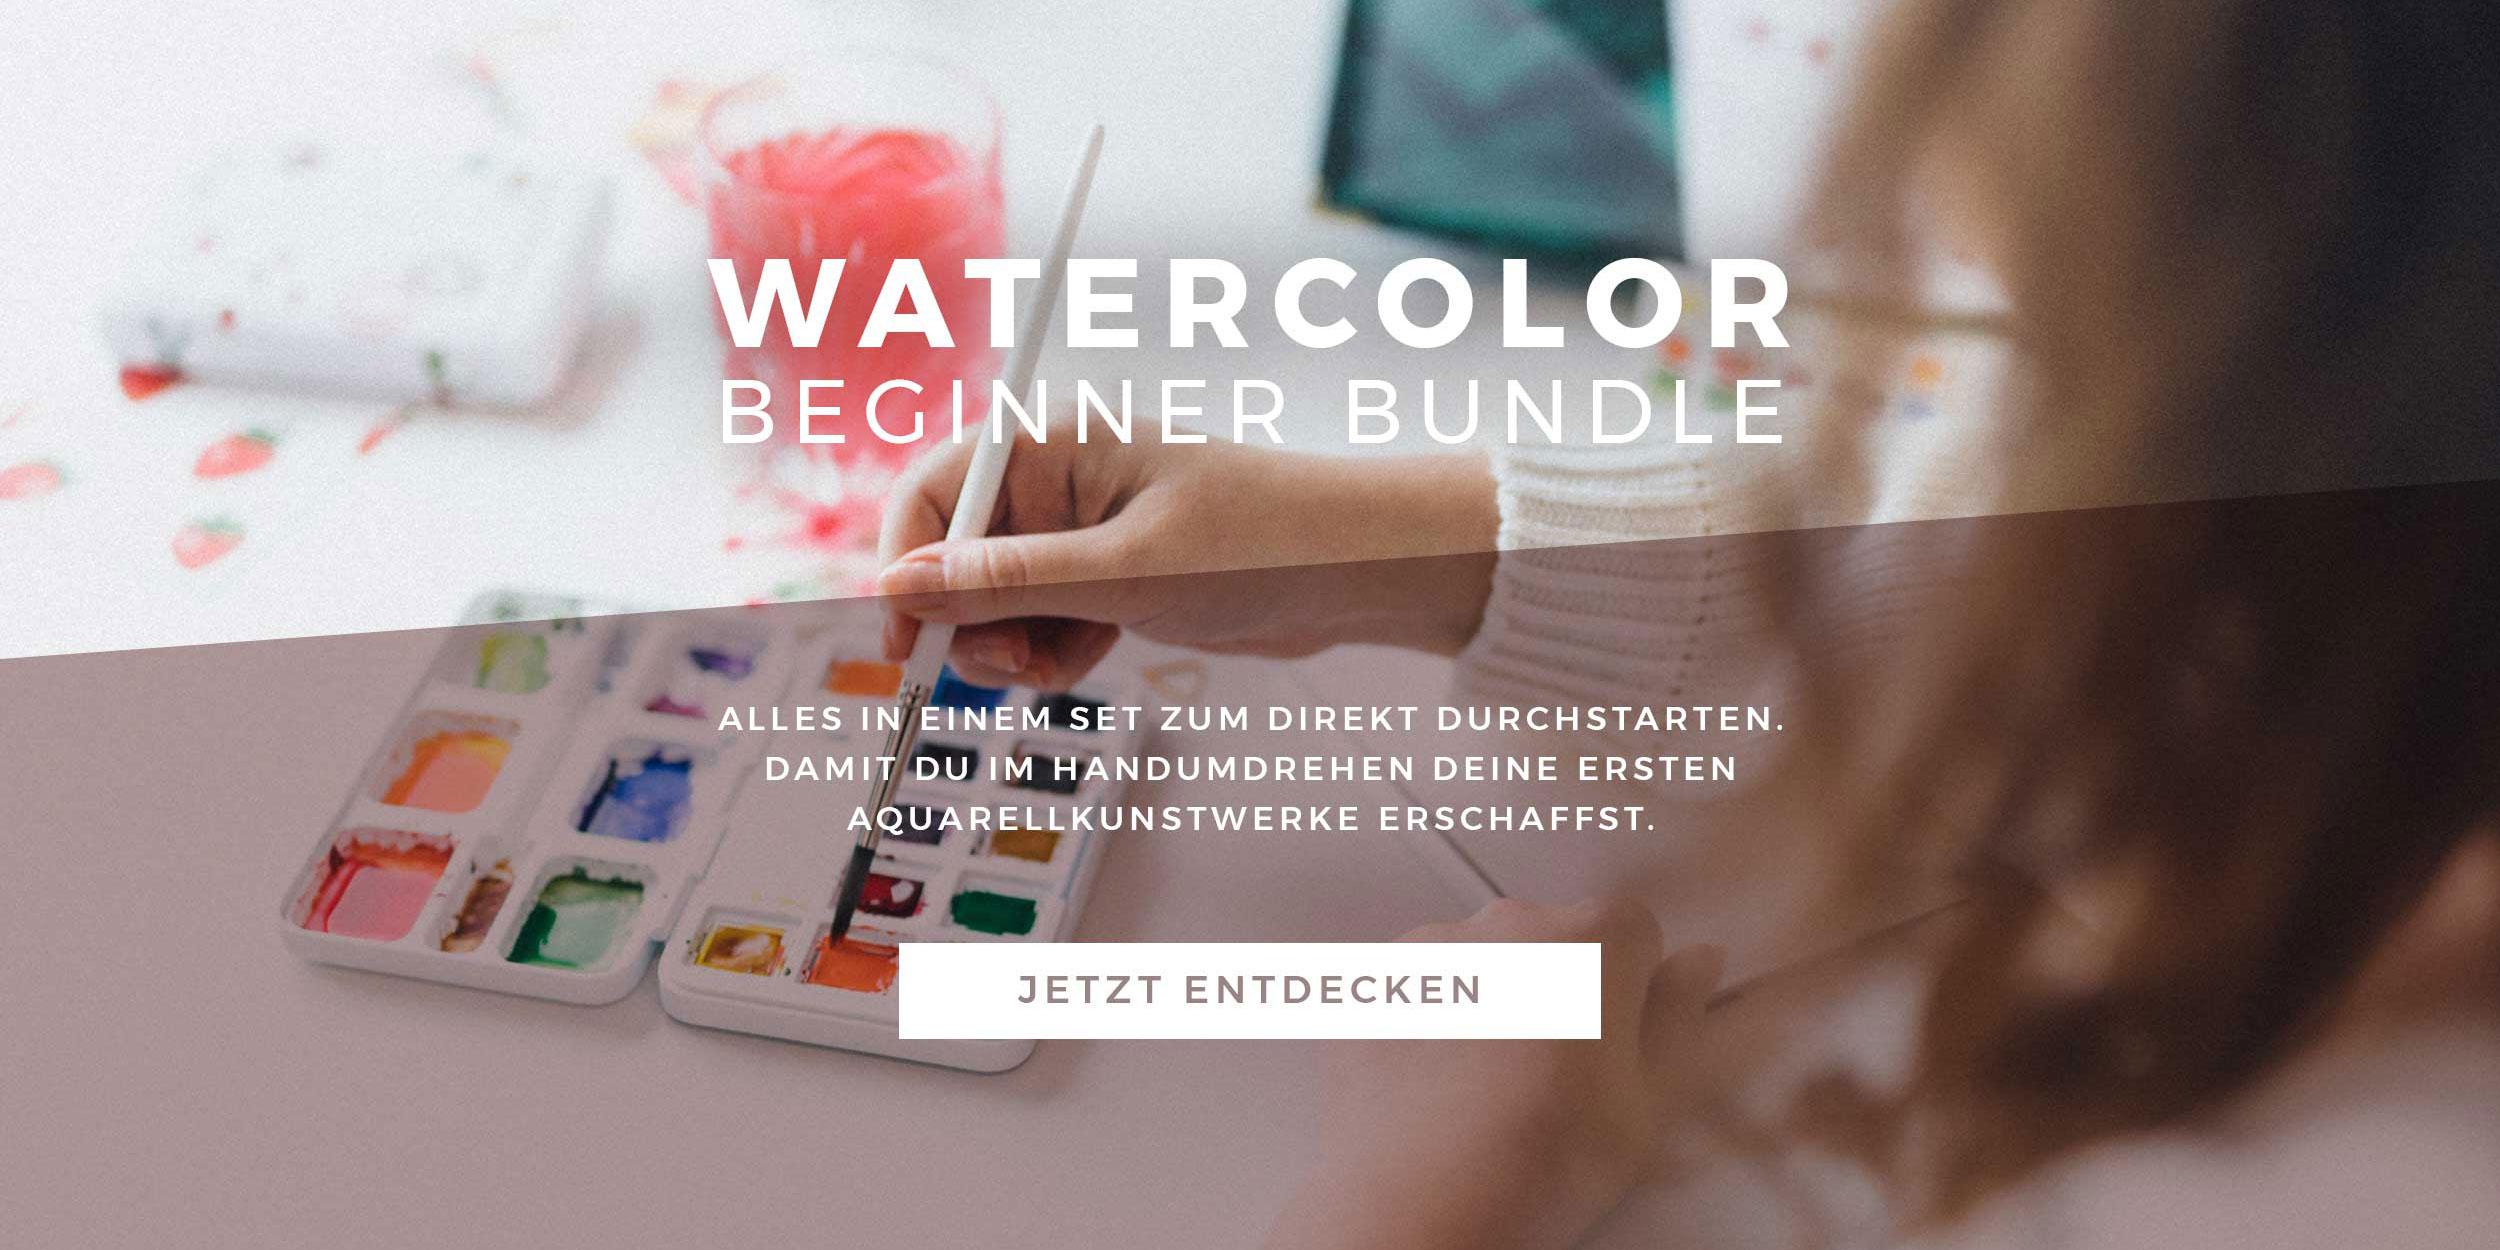 Watercolor Beginner Bundle Slider mit Button